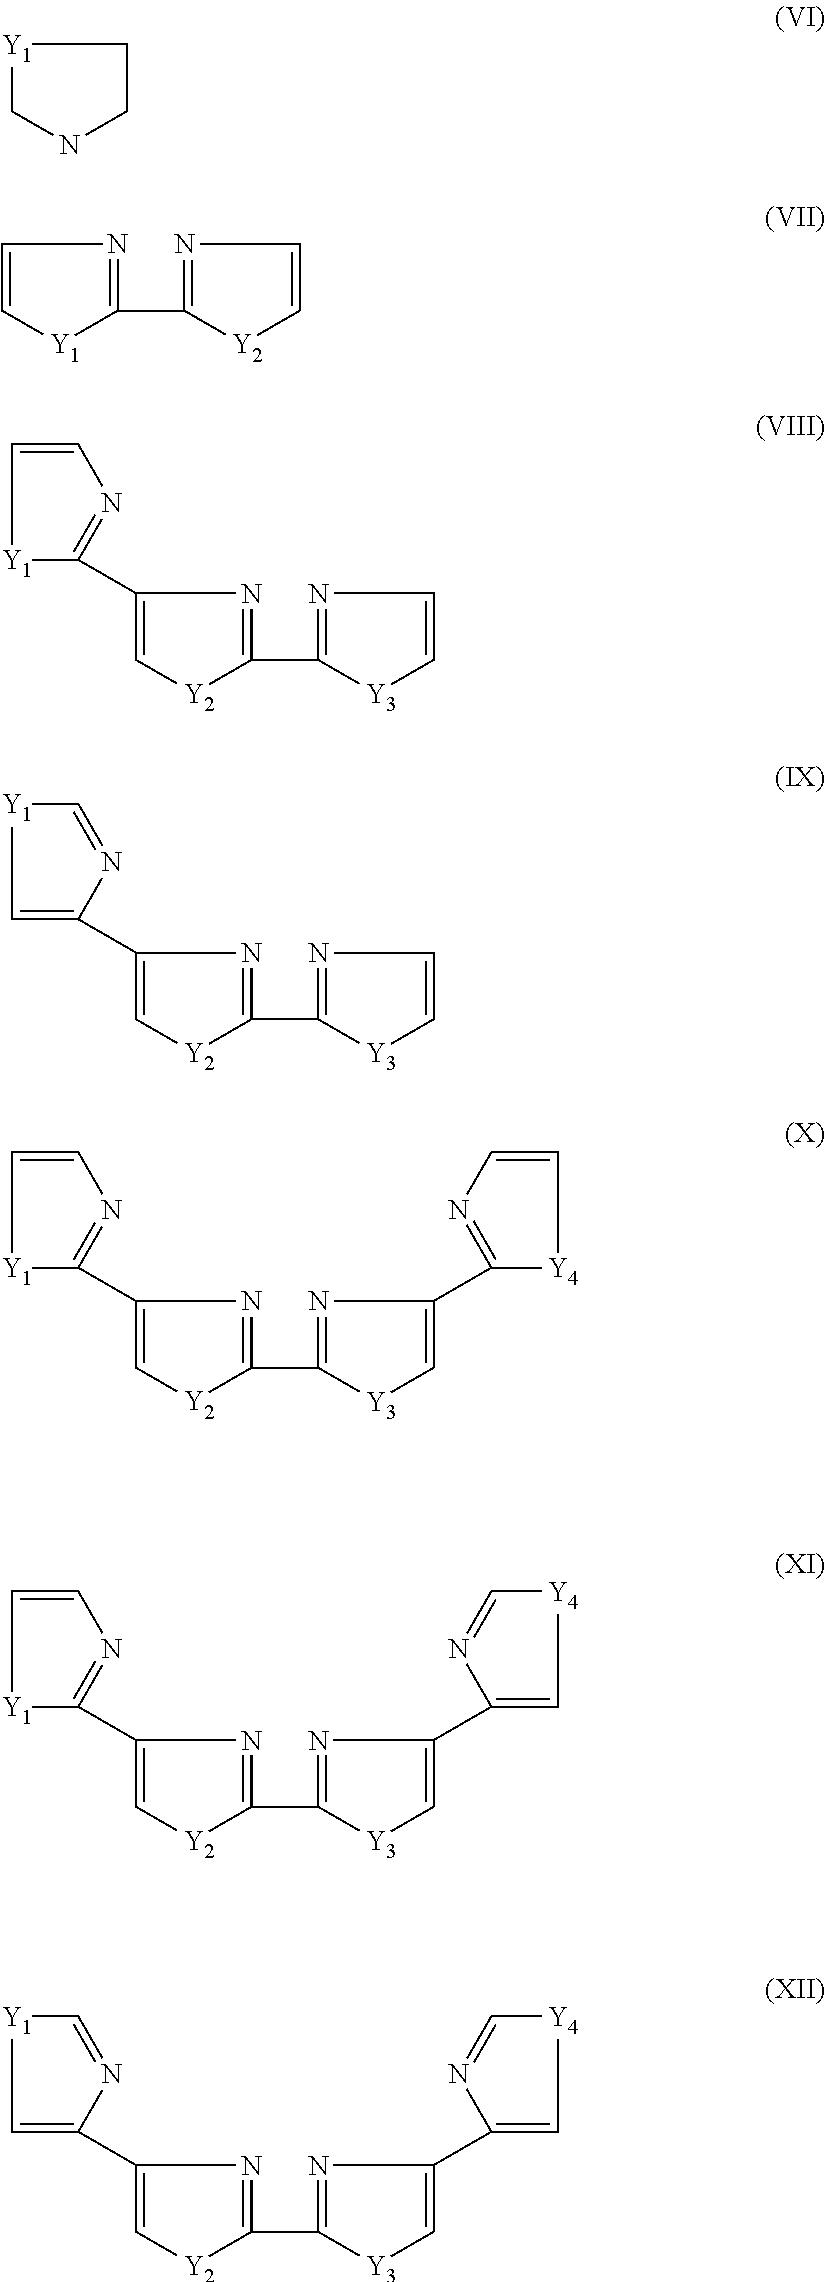 Figure US20100012516A1-20100121-C00005